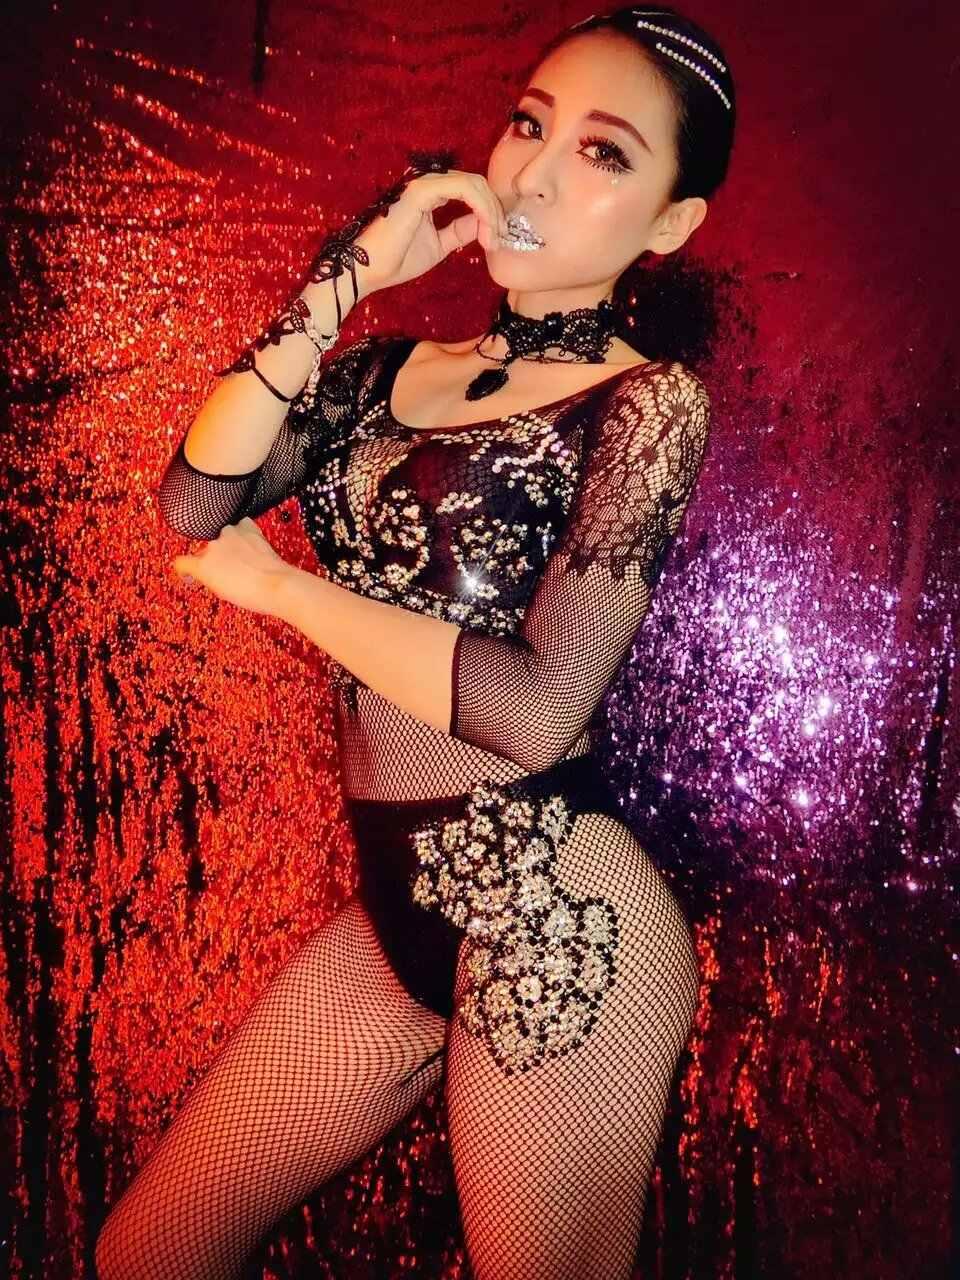 Пикантные черные сапоги чистая блестки концептуальный комбинезон рукава средней длины трико одежда певица танец этап яркий костюм вечерние платье